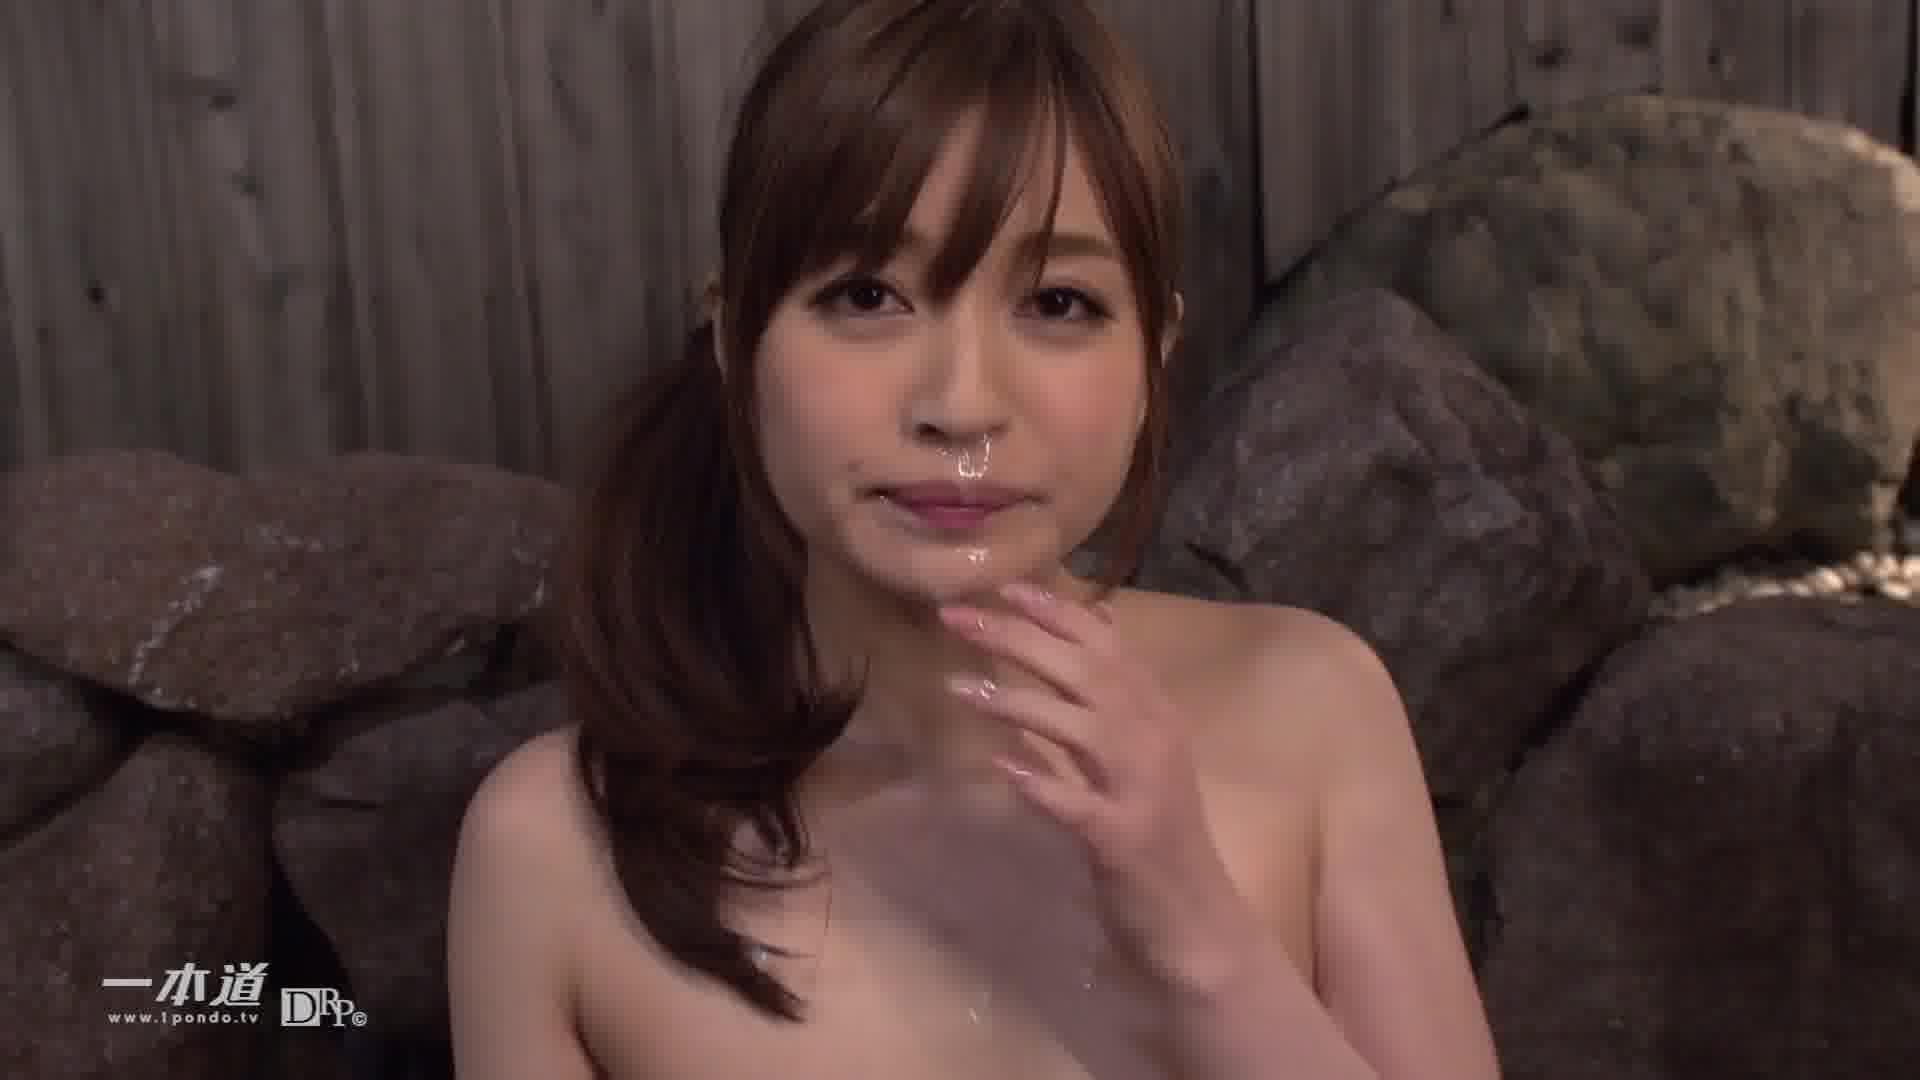 サマーヌード ~モデルコレクション リゾート 新山沙弥~ - 新山沙弥【水着・野外露出・3P】